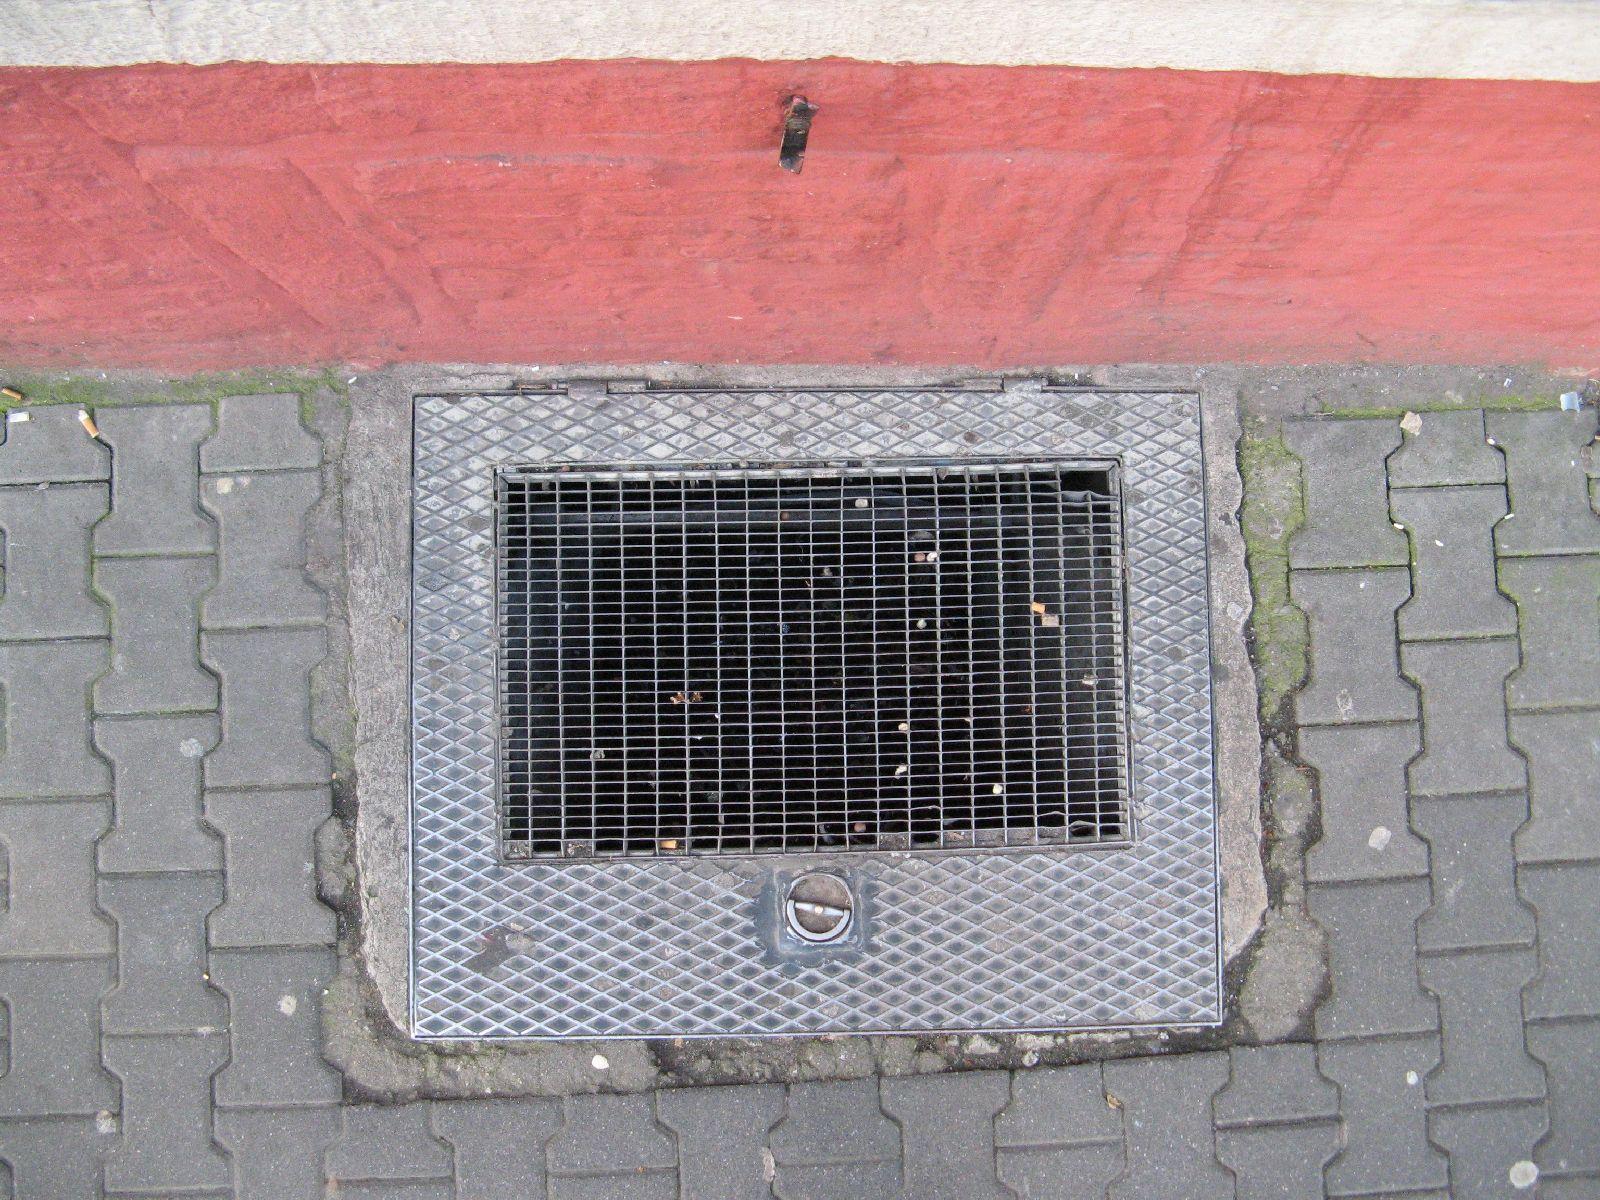 Boden-Strassenelemente_Textur_B_4152